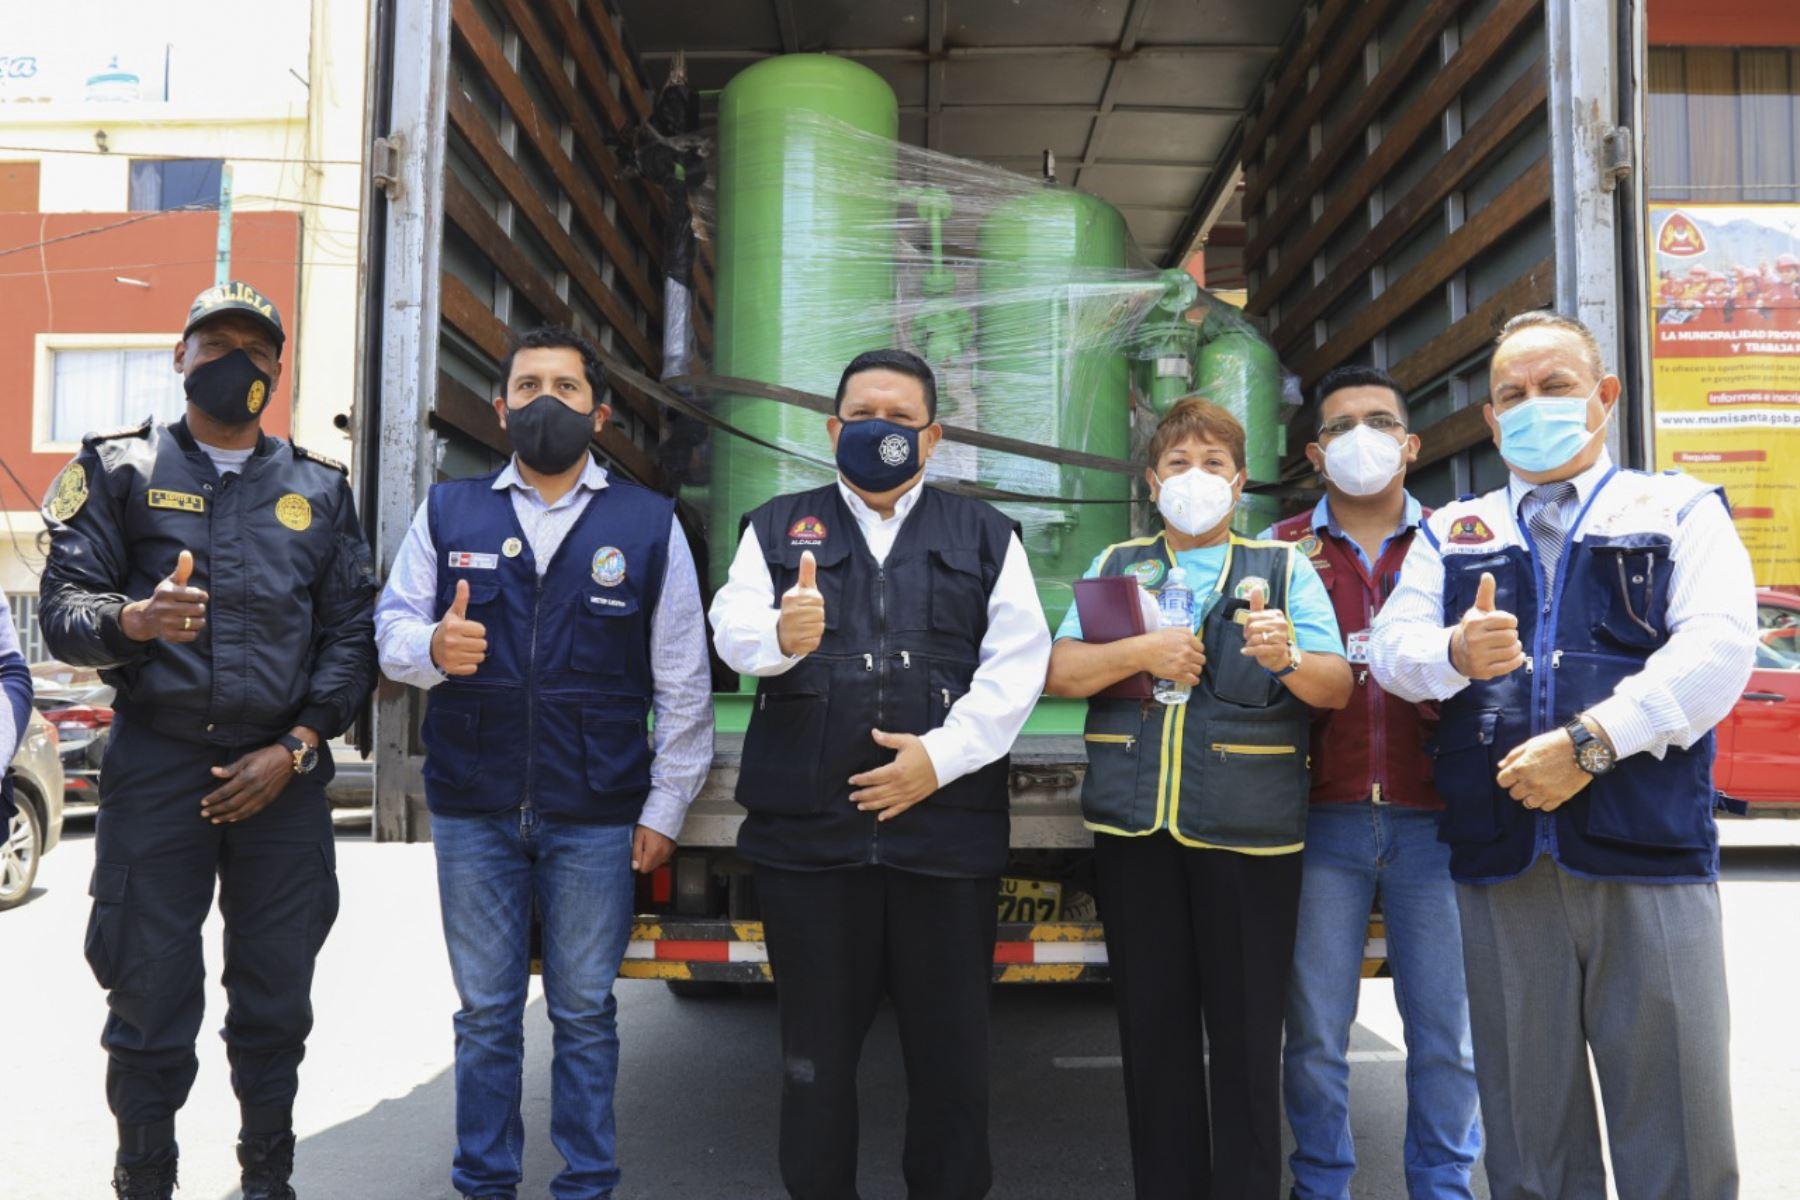 El municipio del Santa (Áncash) adquirió planta de oxígeno medicinal valorizada en 667,904 soles. Foto: ANDINA/Difusión